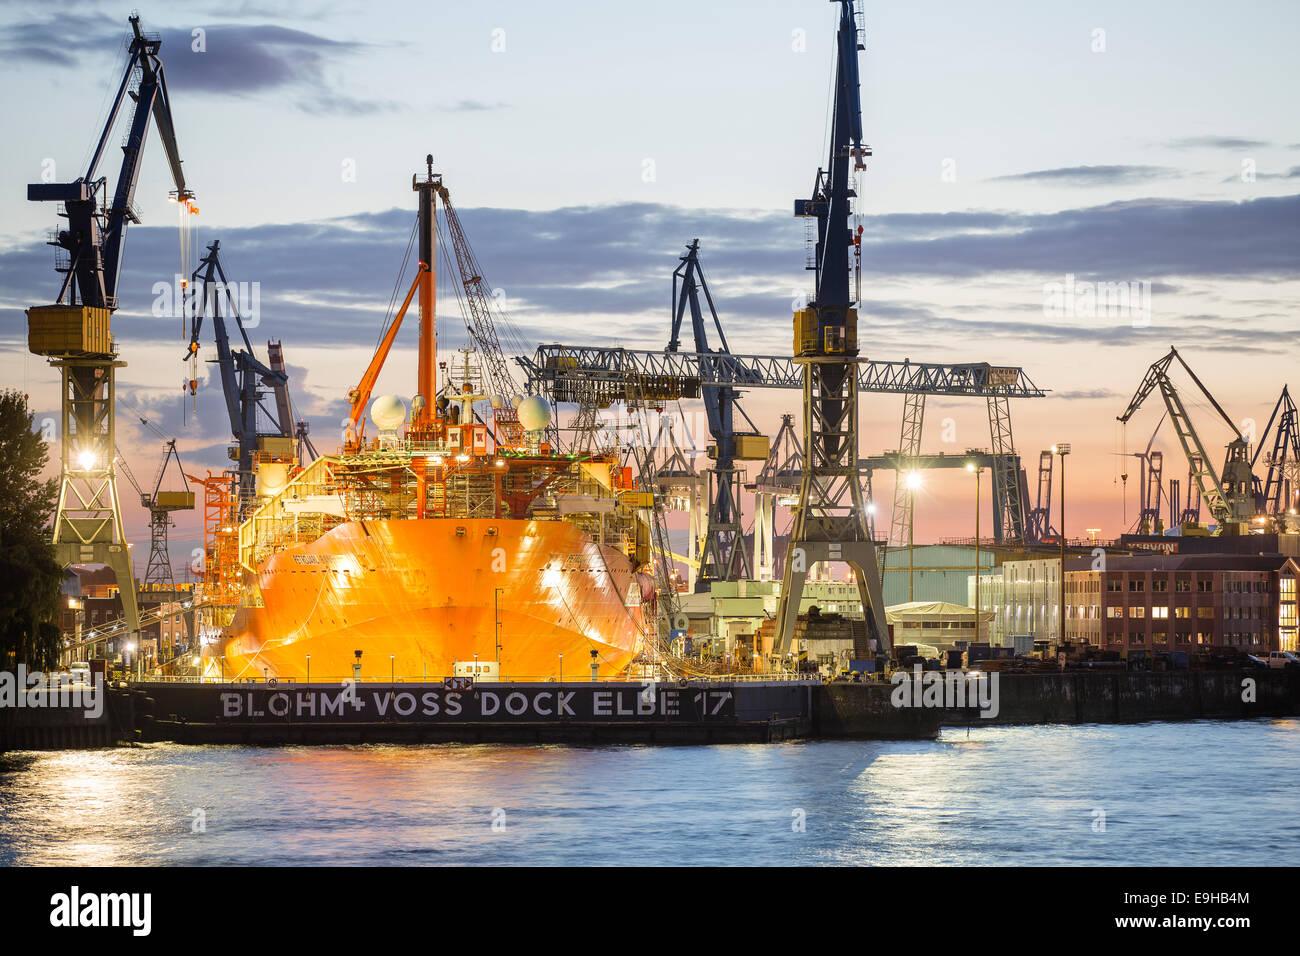 Porte-conteneurs dans une cale sèche dans le port, Hambourg, Hambourg, Allemagne Photo Stock